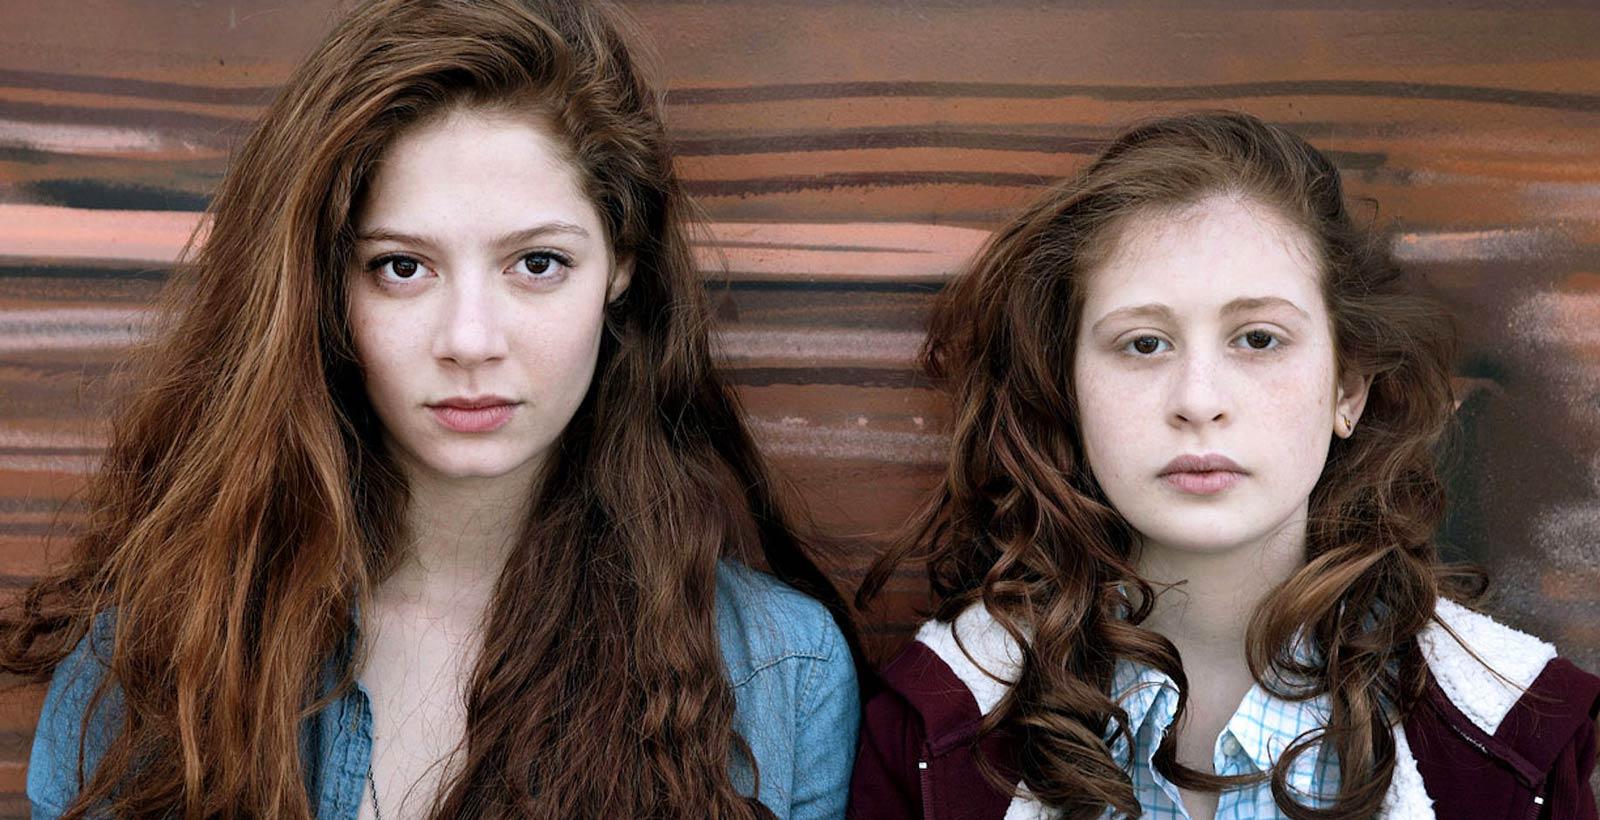 Léna (Jenna Thiam) et Camille Séguret (Yara Pilartz), personnages de la série Les Revenants.